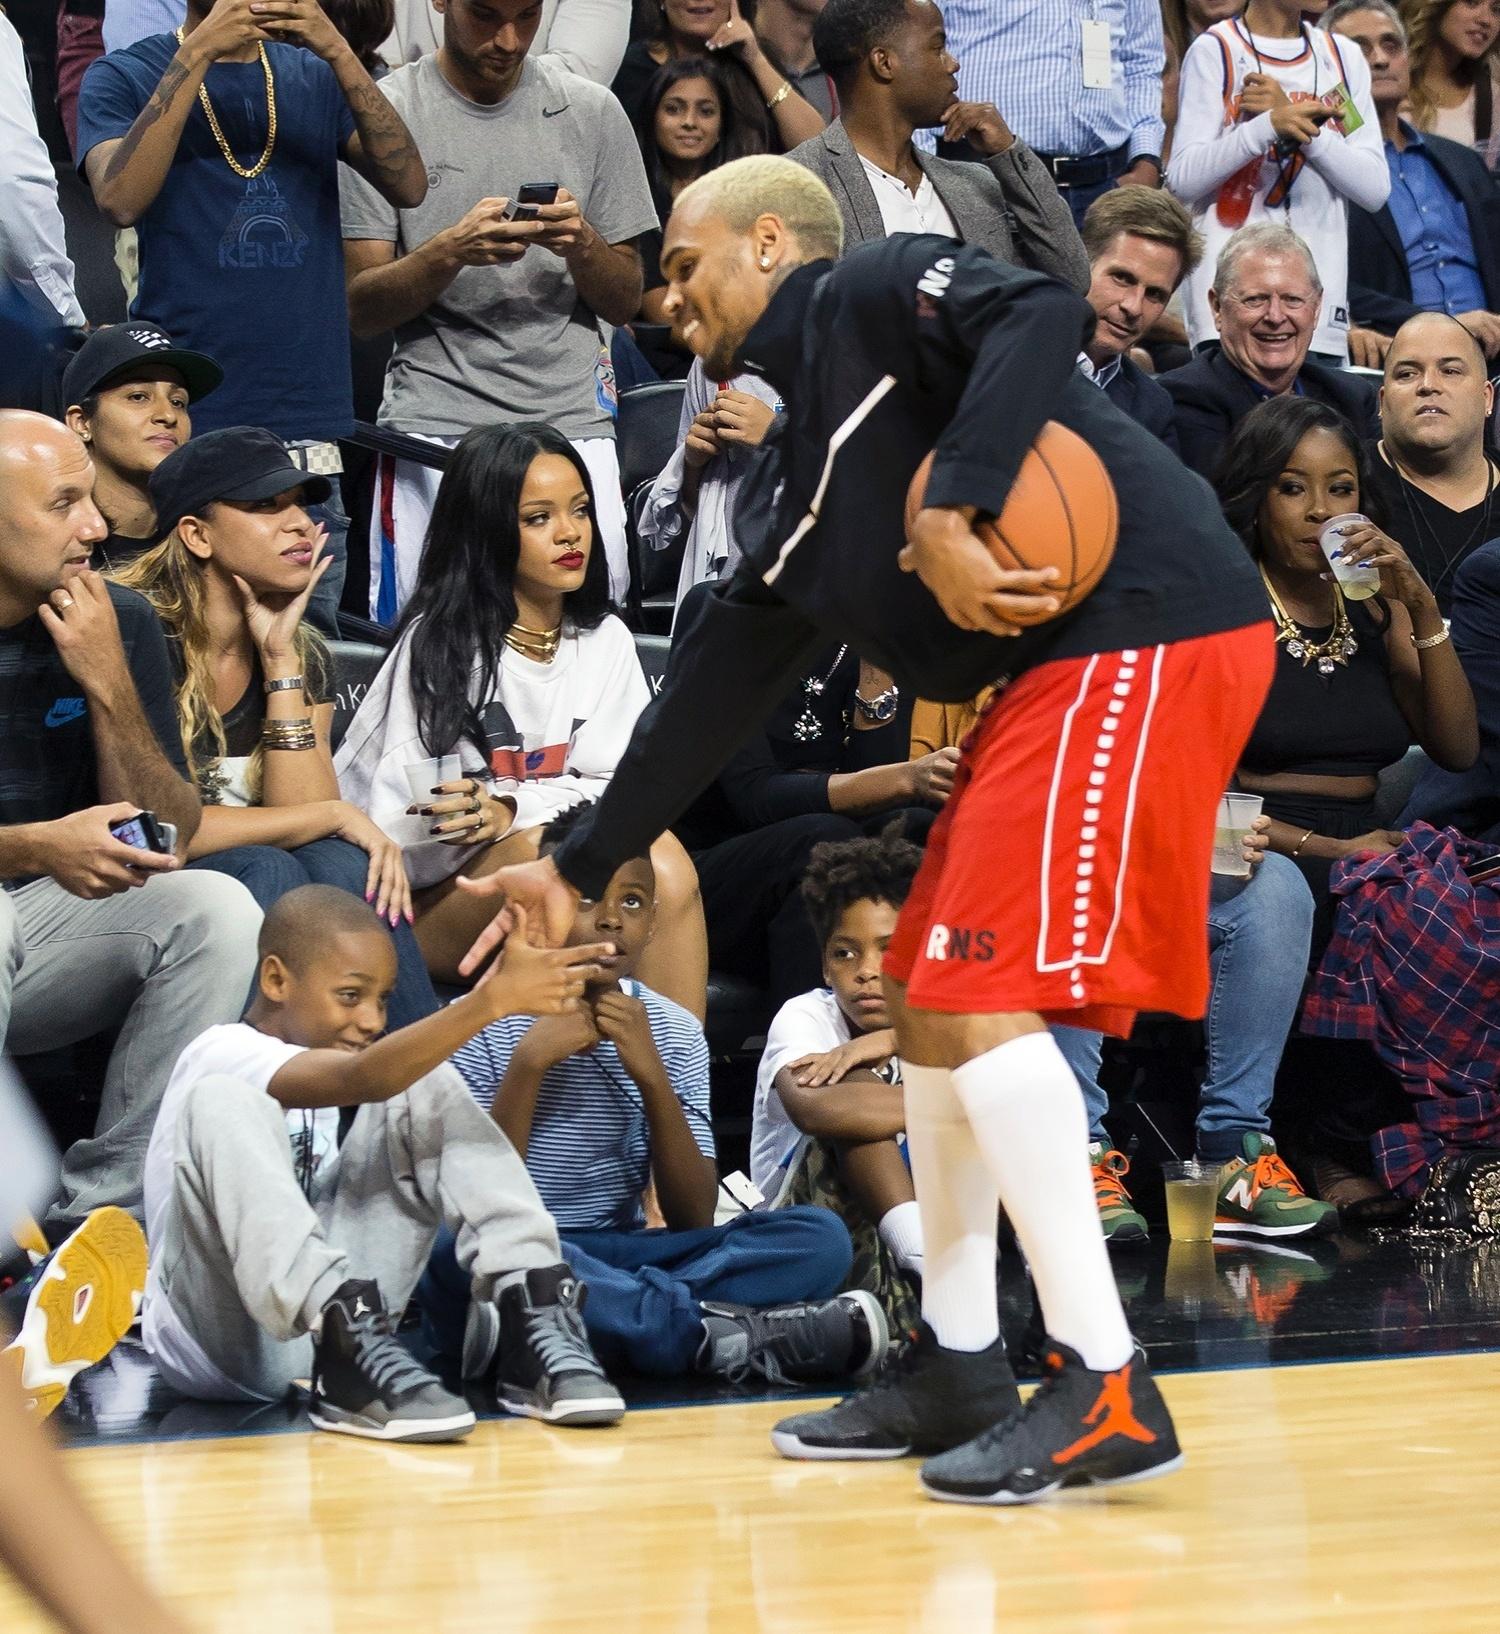 21.ago.2014 - Rihanna assiste a partida de basquete com seu ex-namorado, o cantor Chris Brown. O evento era beneficente e aconteceu no Barclays Center, em Los Angeles